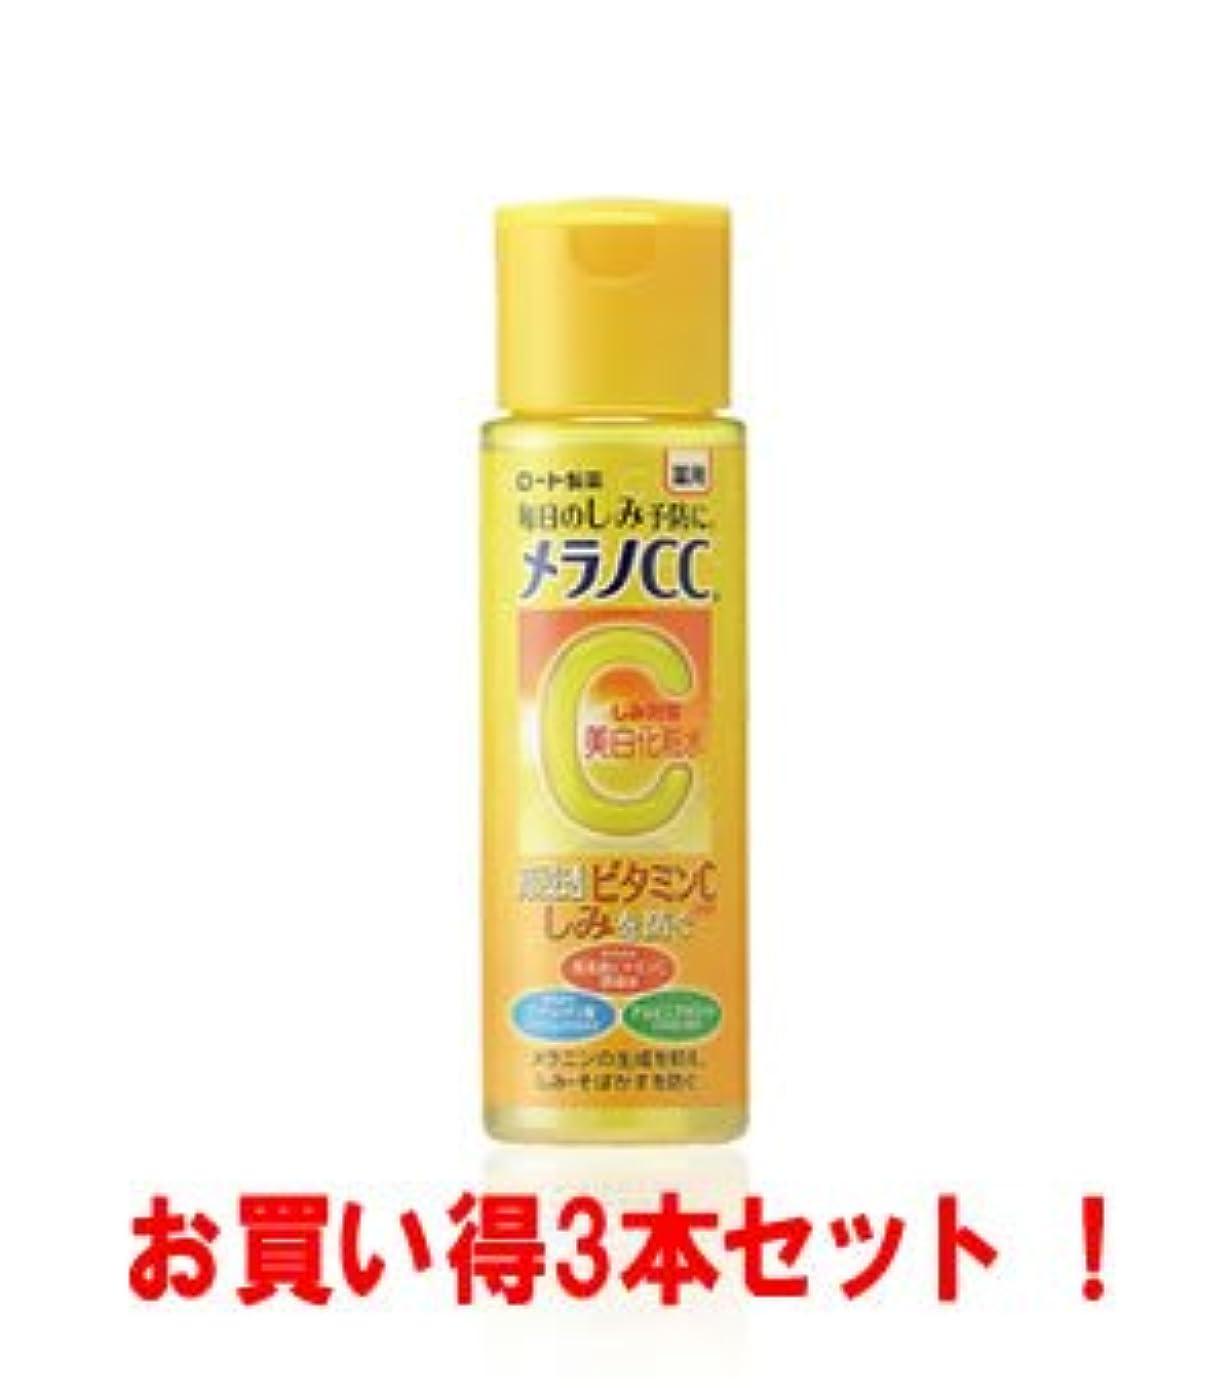 線高く起きる(お買い得3本セット)メラノCC 薬用しみ対策美白化粧水(医薬部外品)170ml